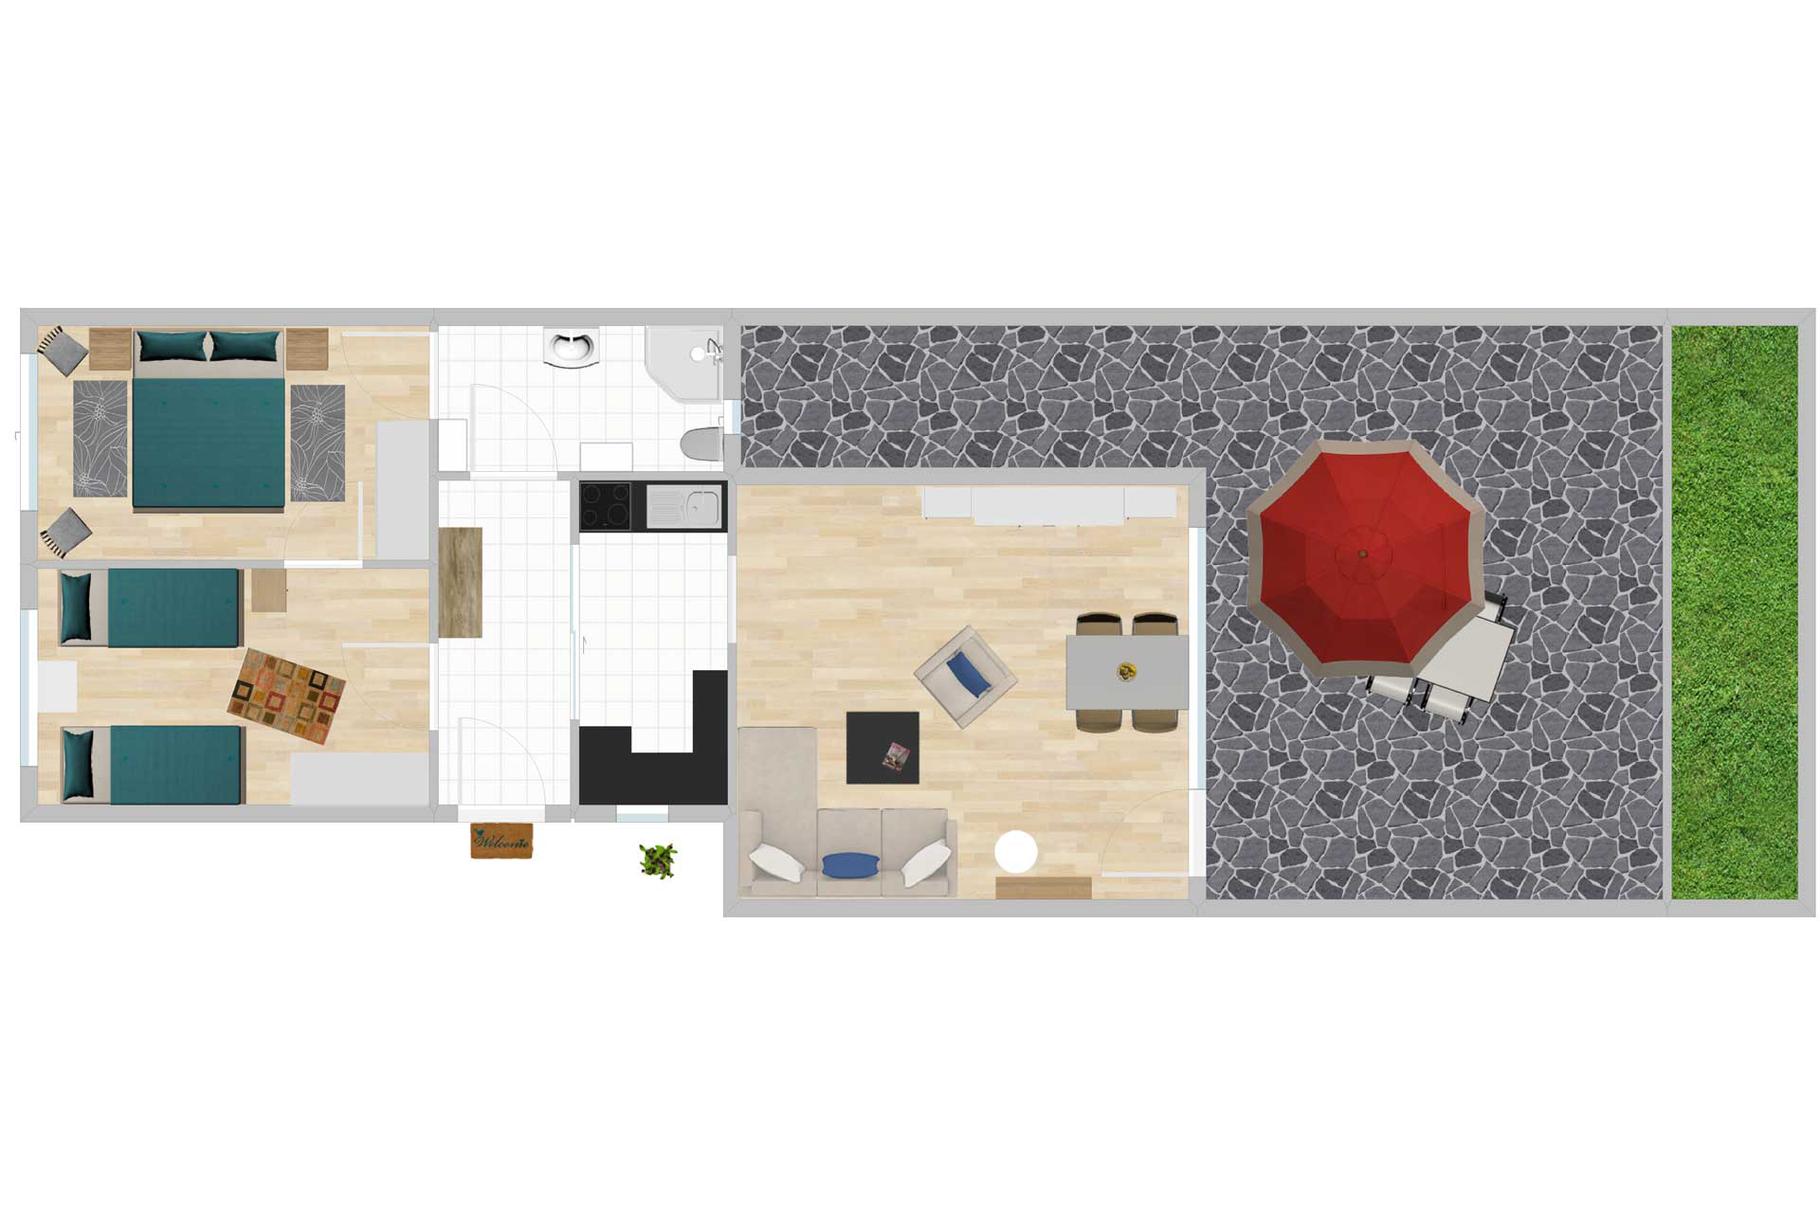 Grundriss des Ferienhauses